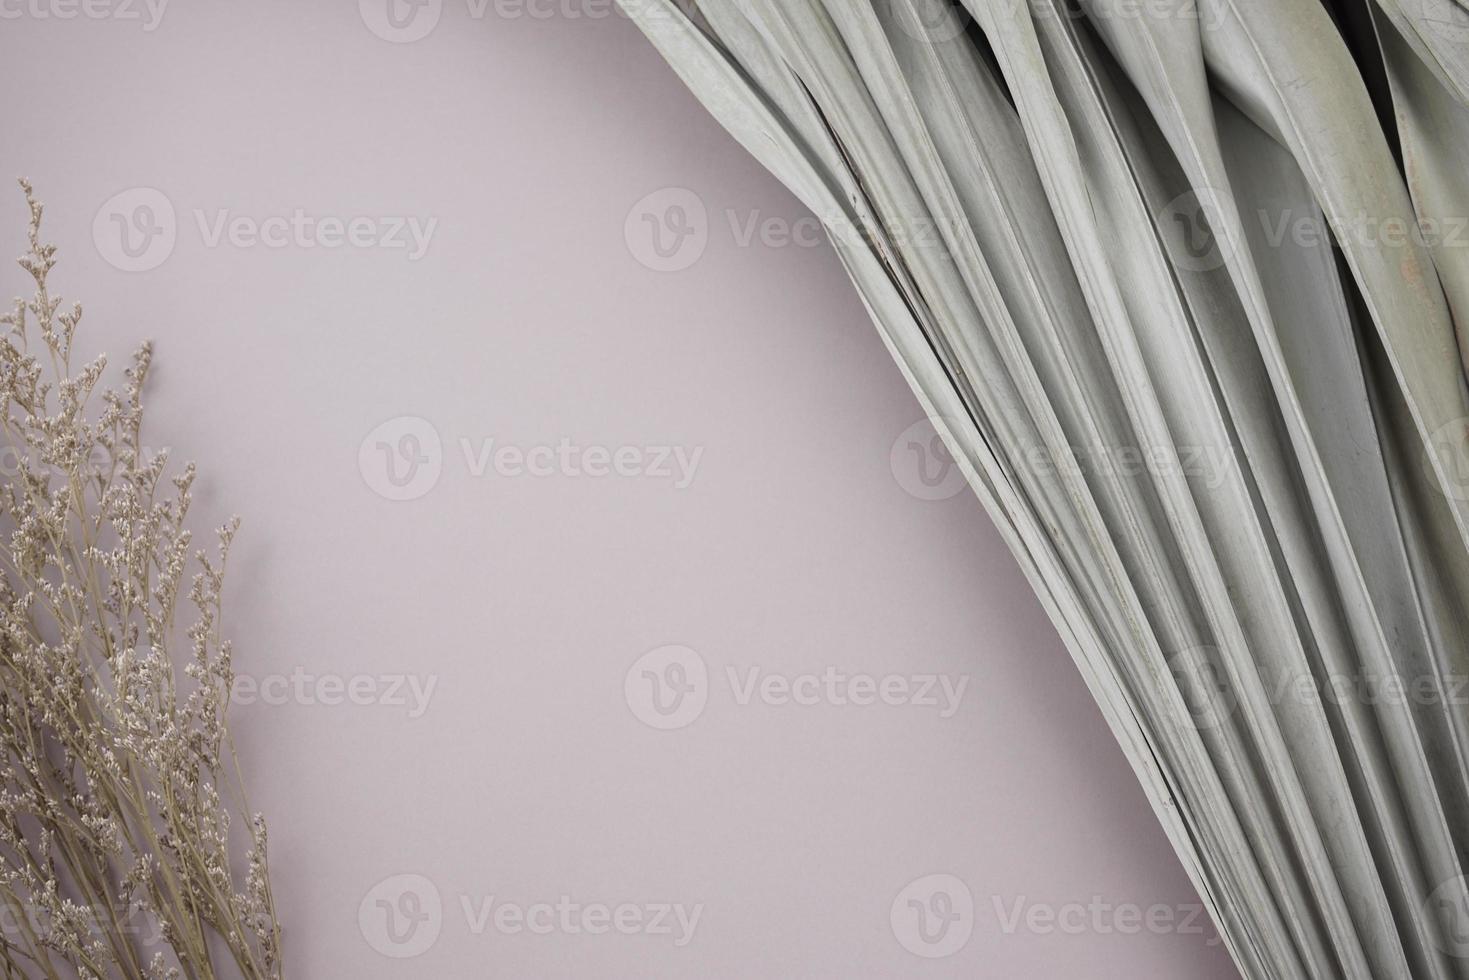 hojas de palma secas y flores marchitas y tupidas bouquet sobre fondo plateado neutro, gris-púrpura pastel. foto